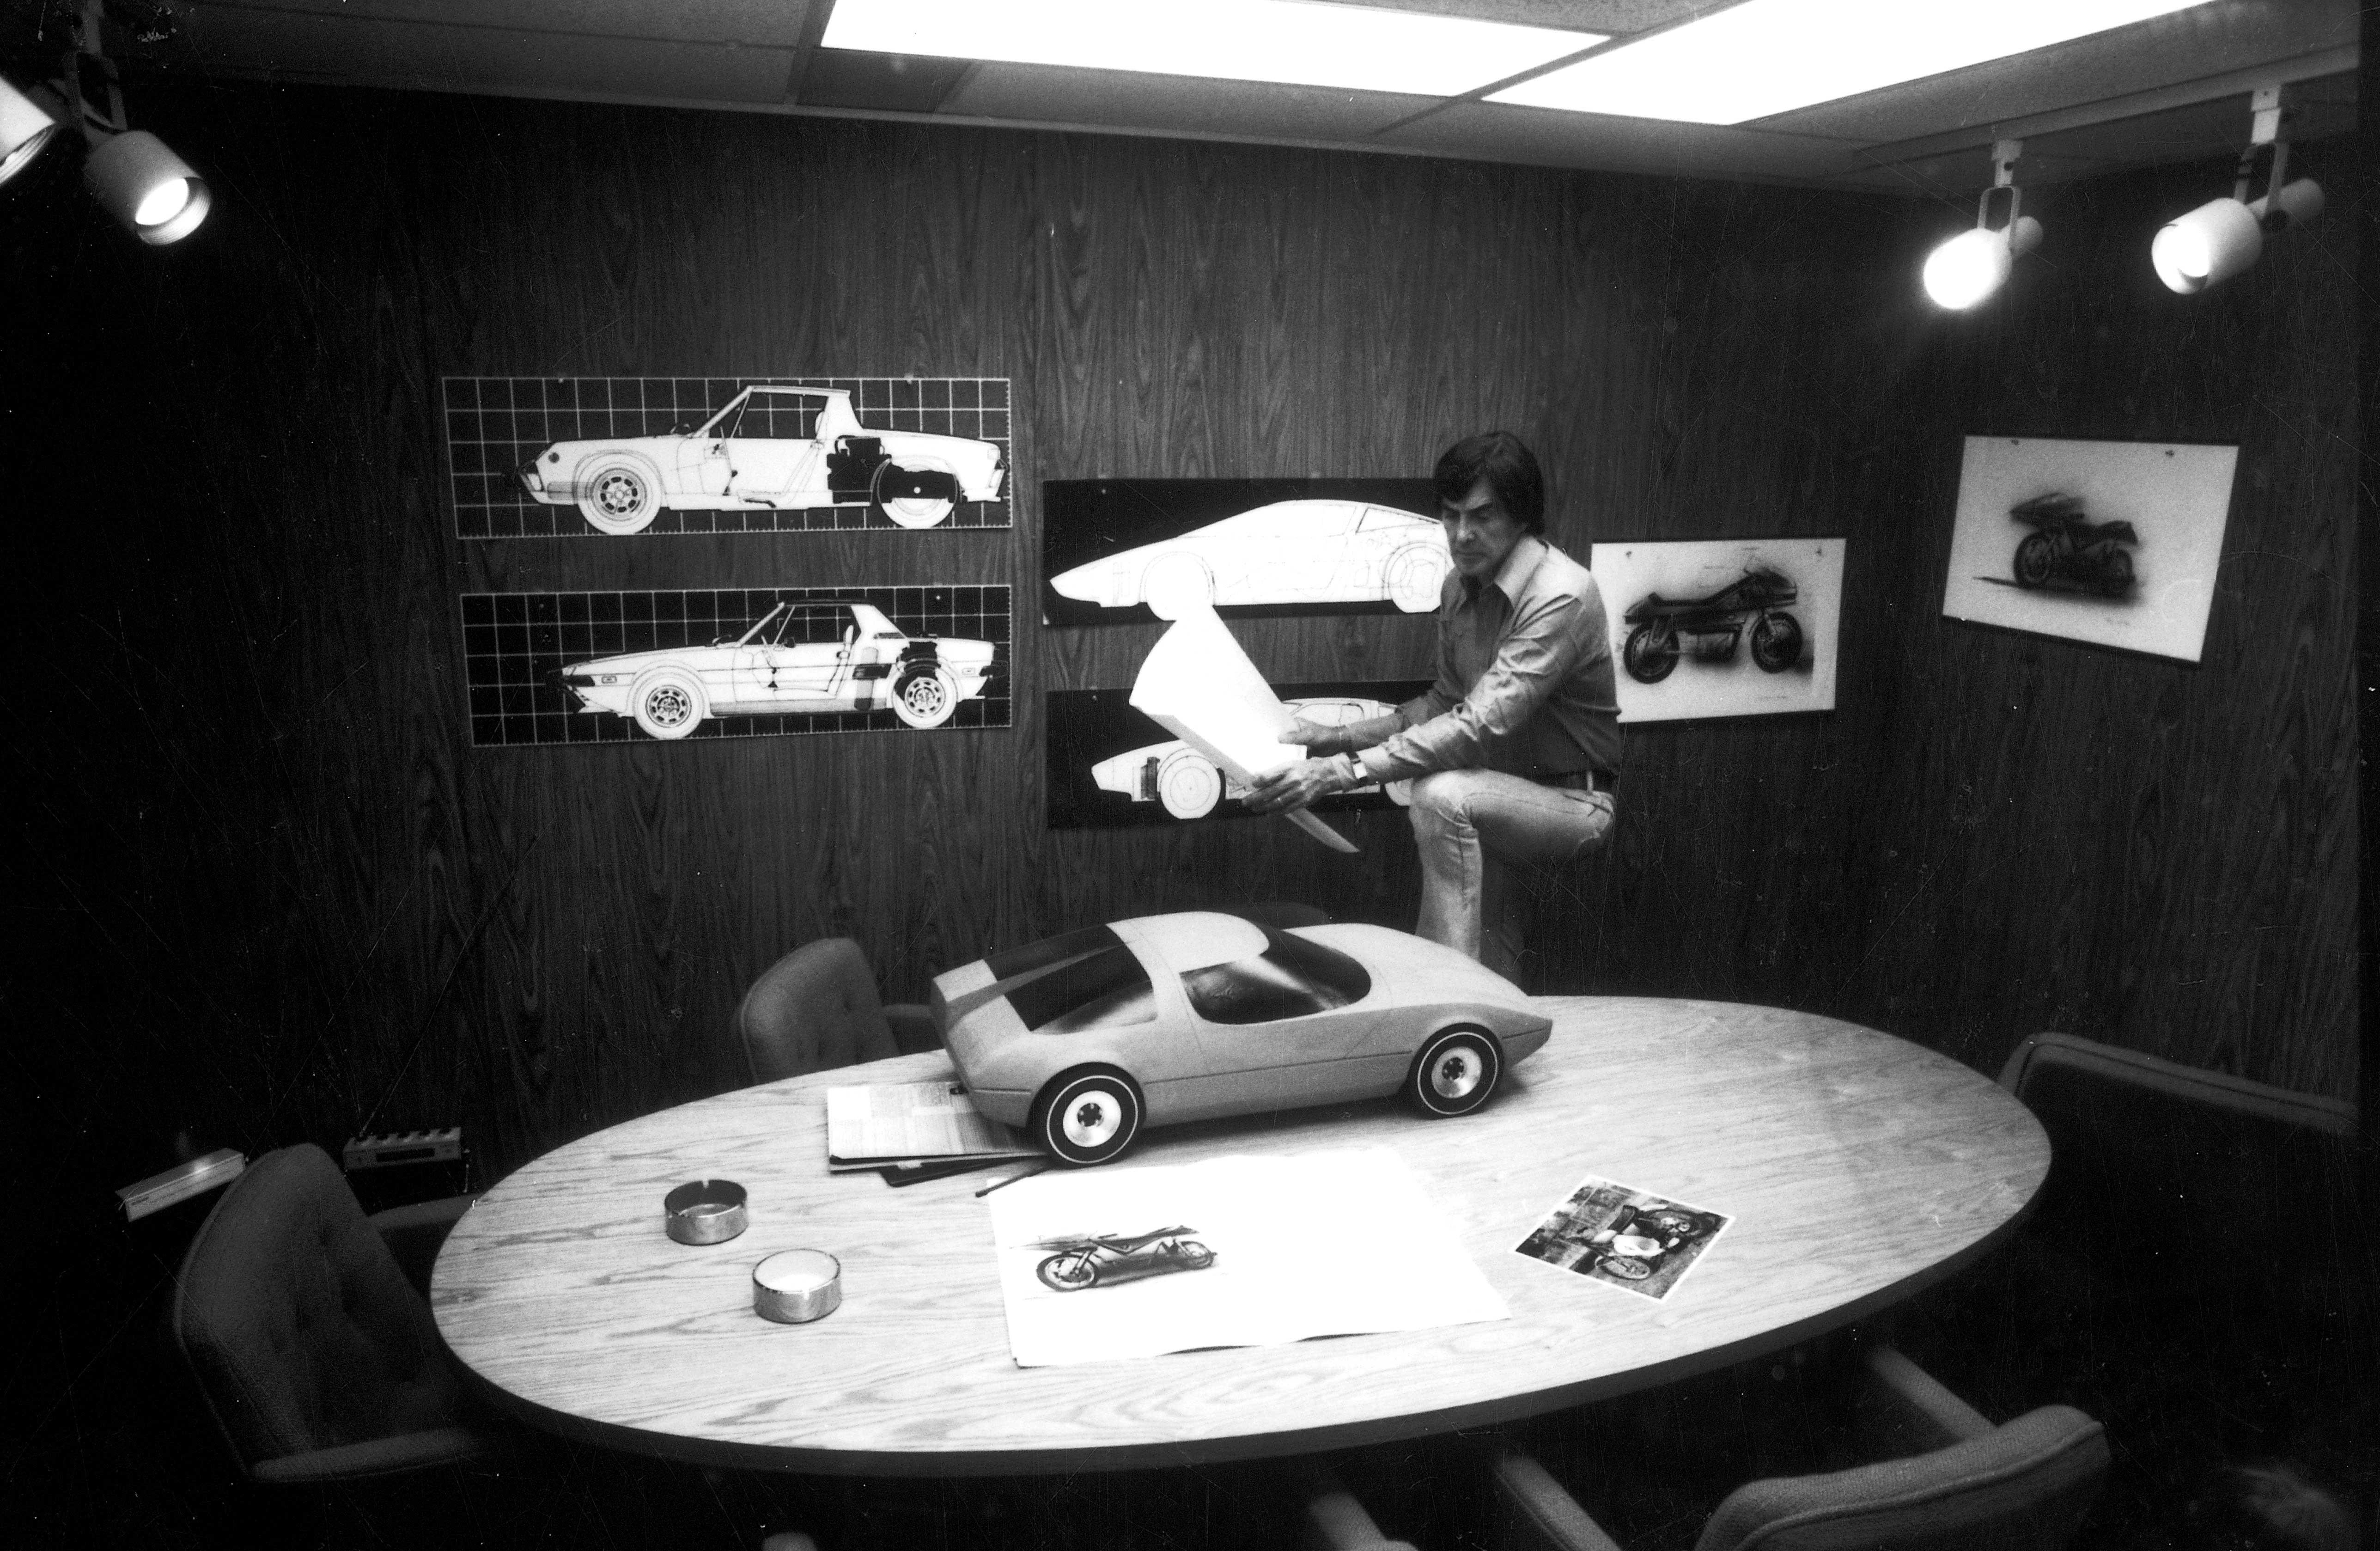 DeLorean Works On A Design